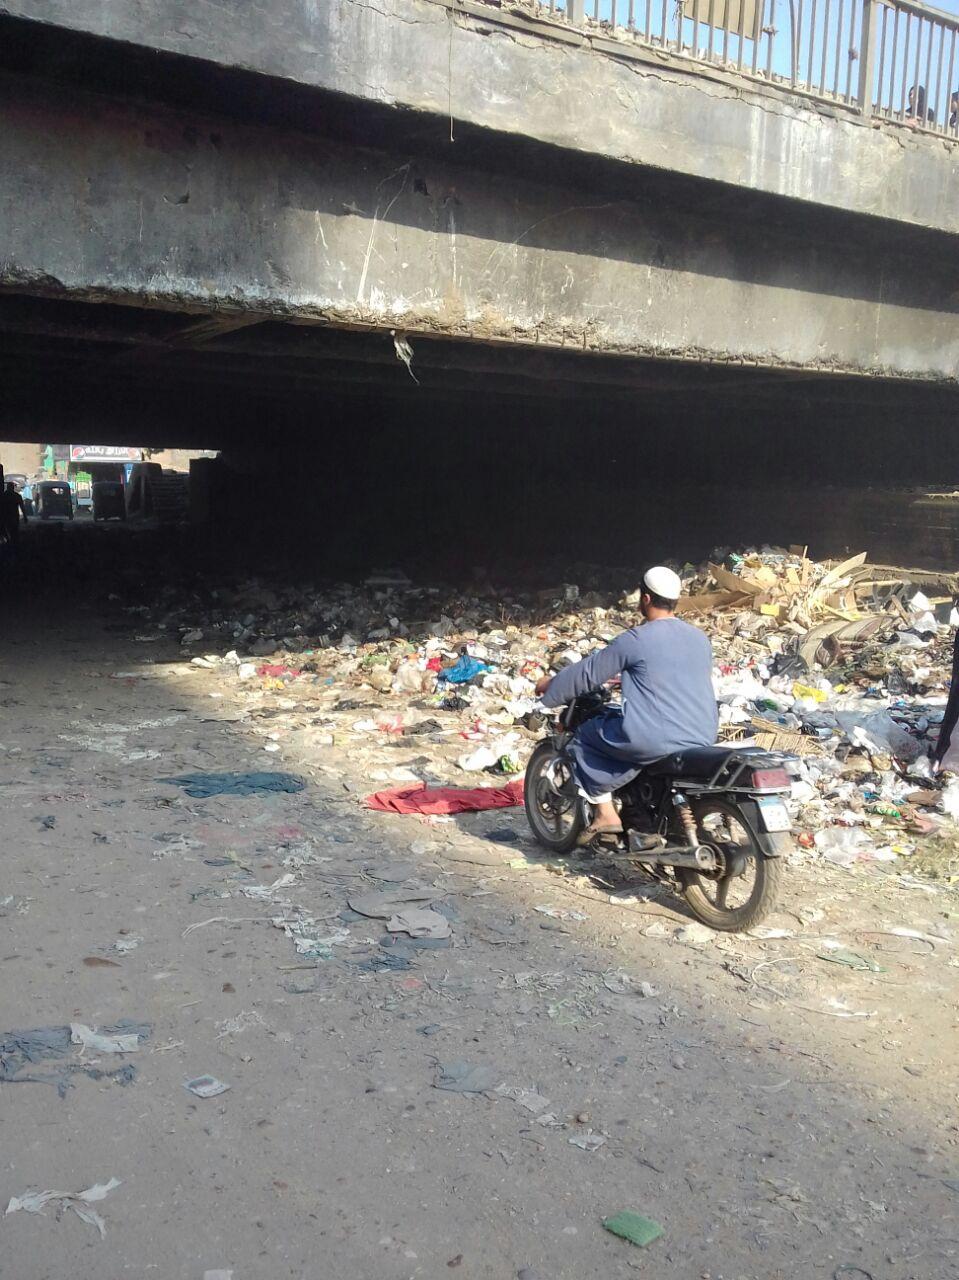 القمامة أسفل الدائرى فى الطريق الأبيض